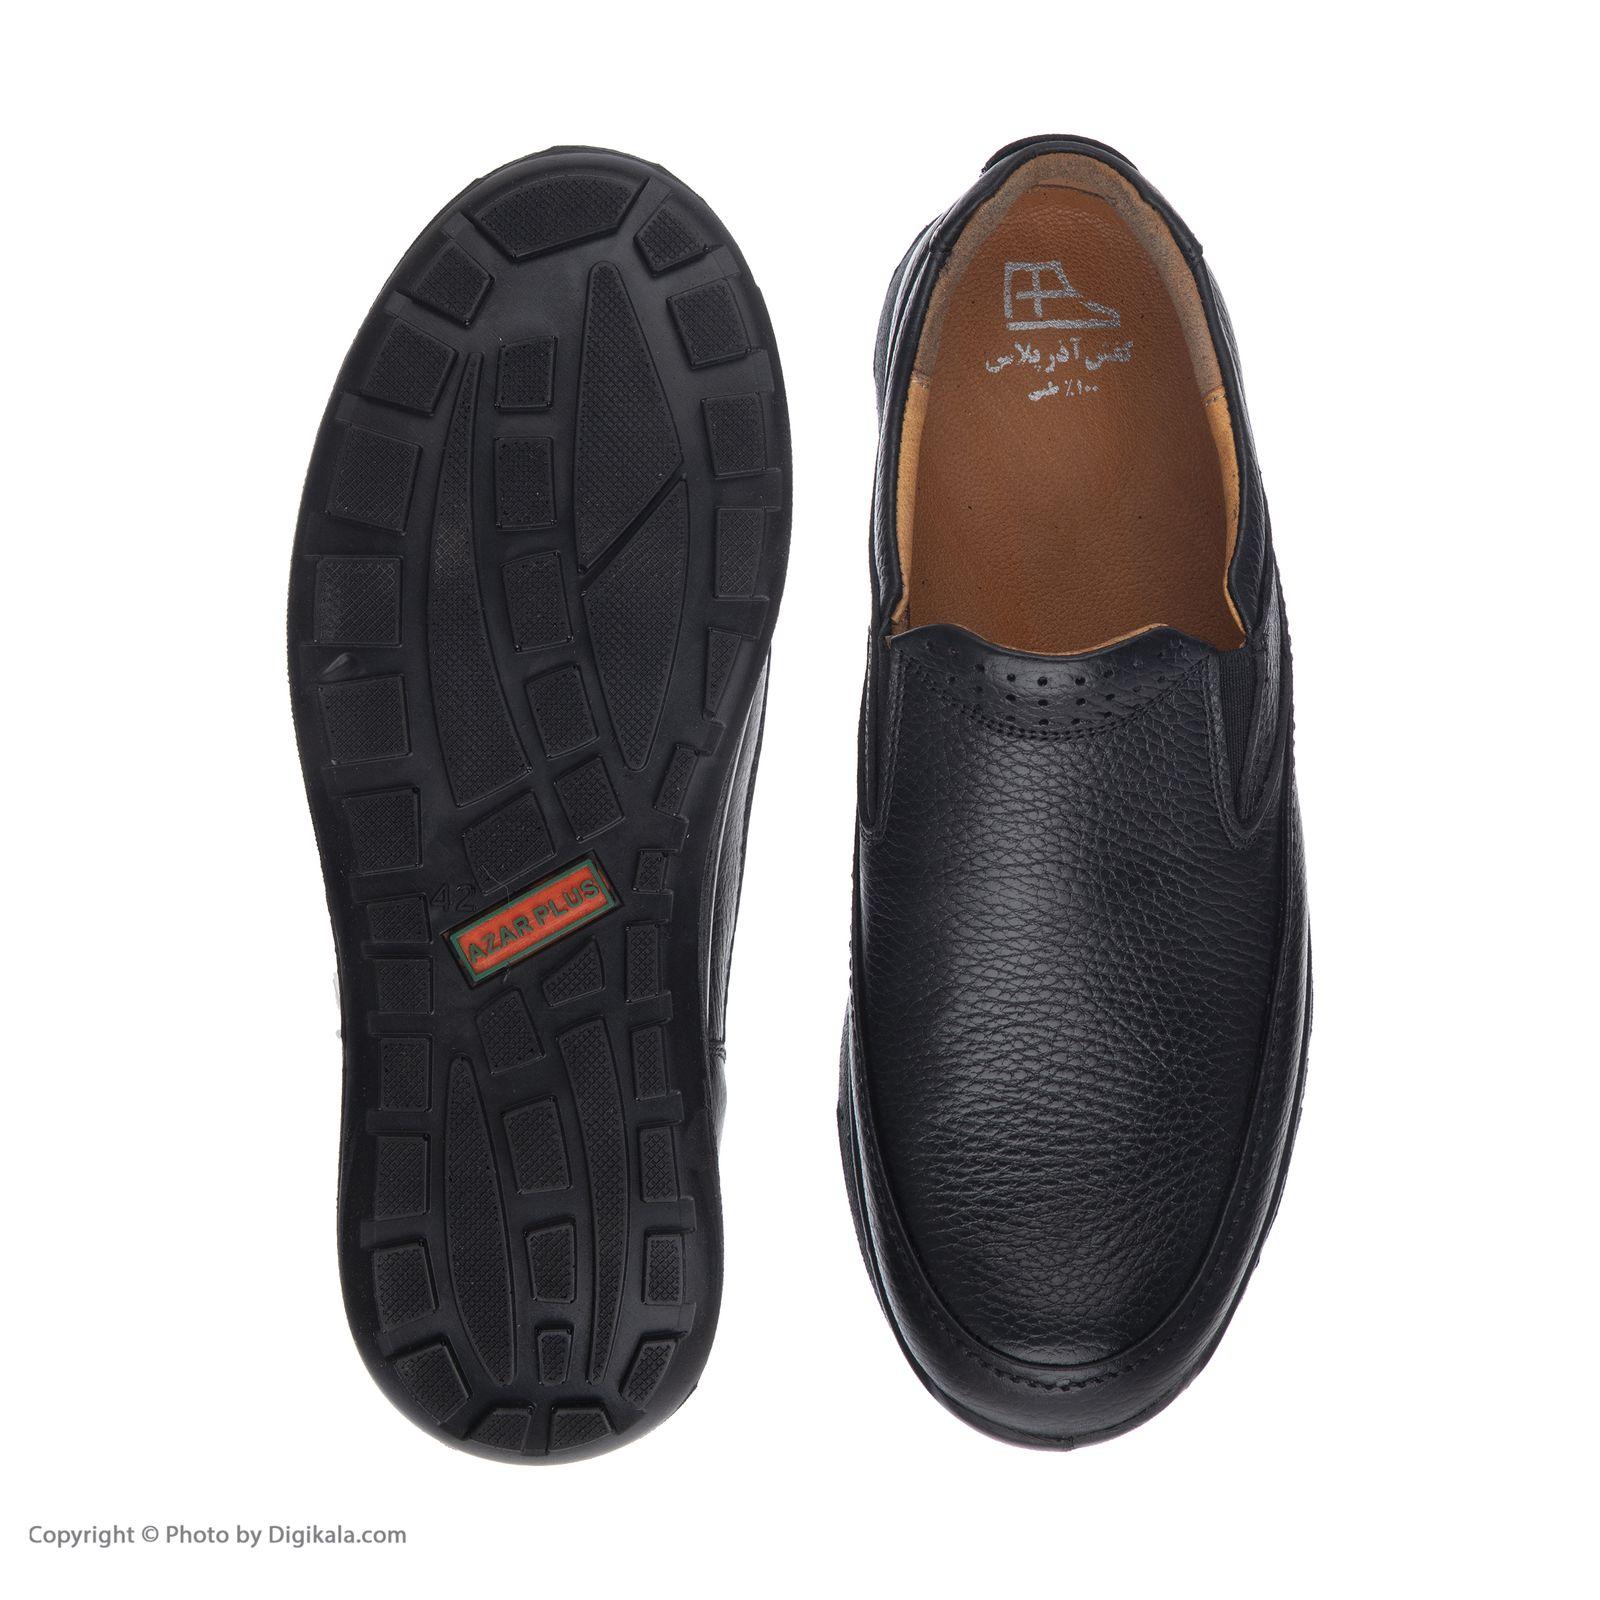 کفش روزمره مردانه آذر پلاس مدل 4401A503101 -  - 5